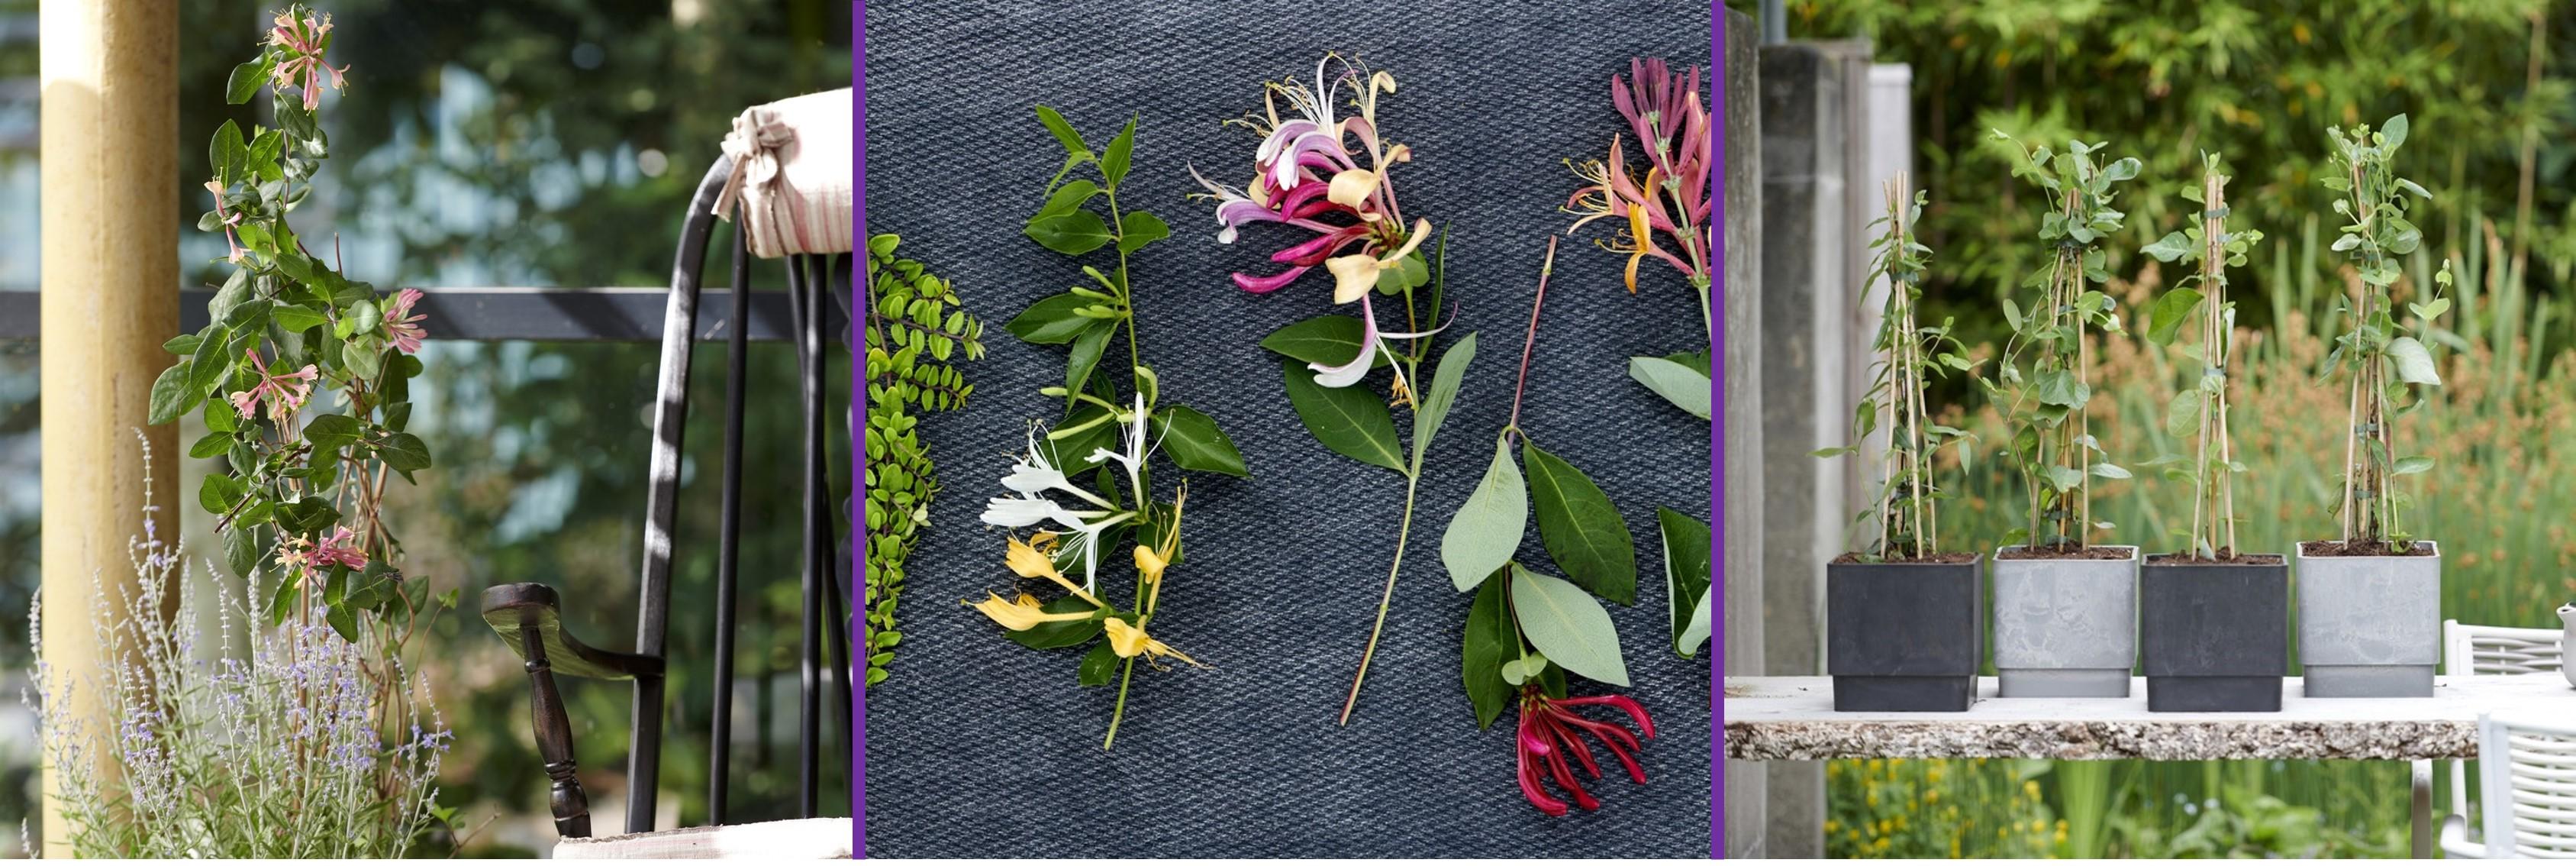 Gartenpflanze des Monats Juni: Geißblatt